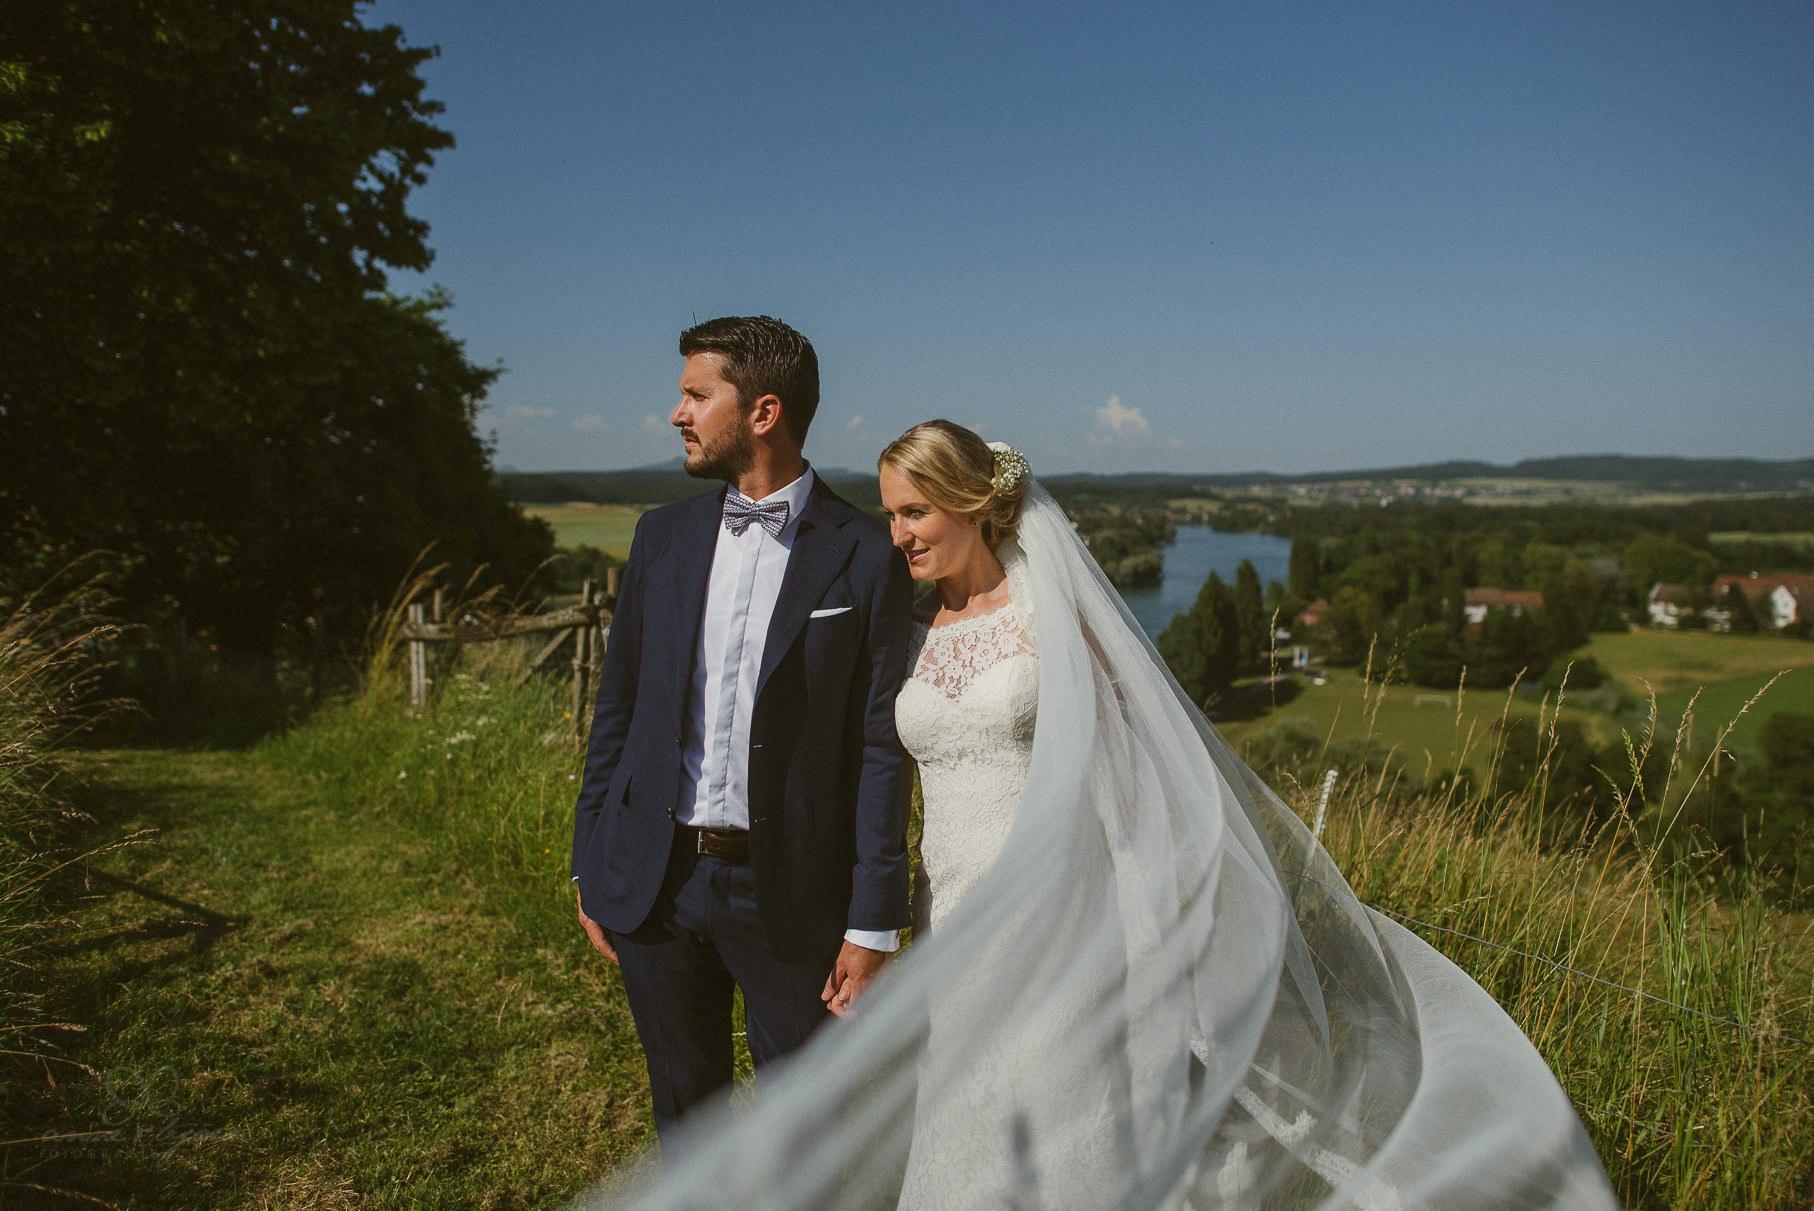 0092 anne und bjoern hochzeit schweiz d75 1232 - DIY Hochzeit in der Schweiz - Sabrina & Christoph